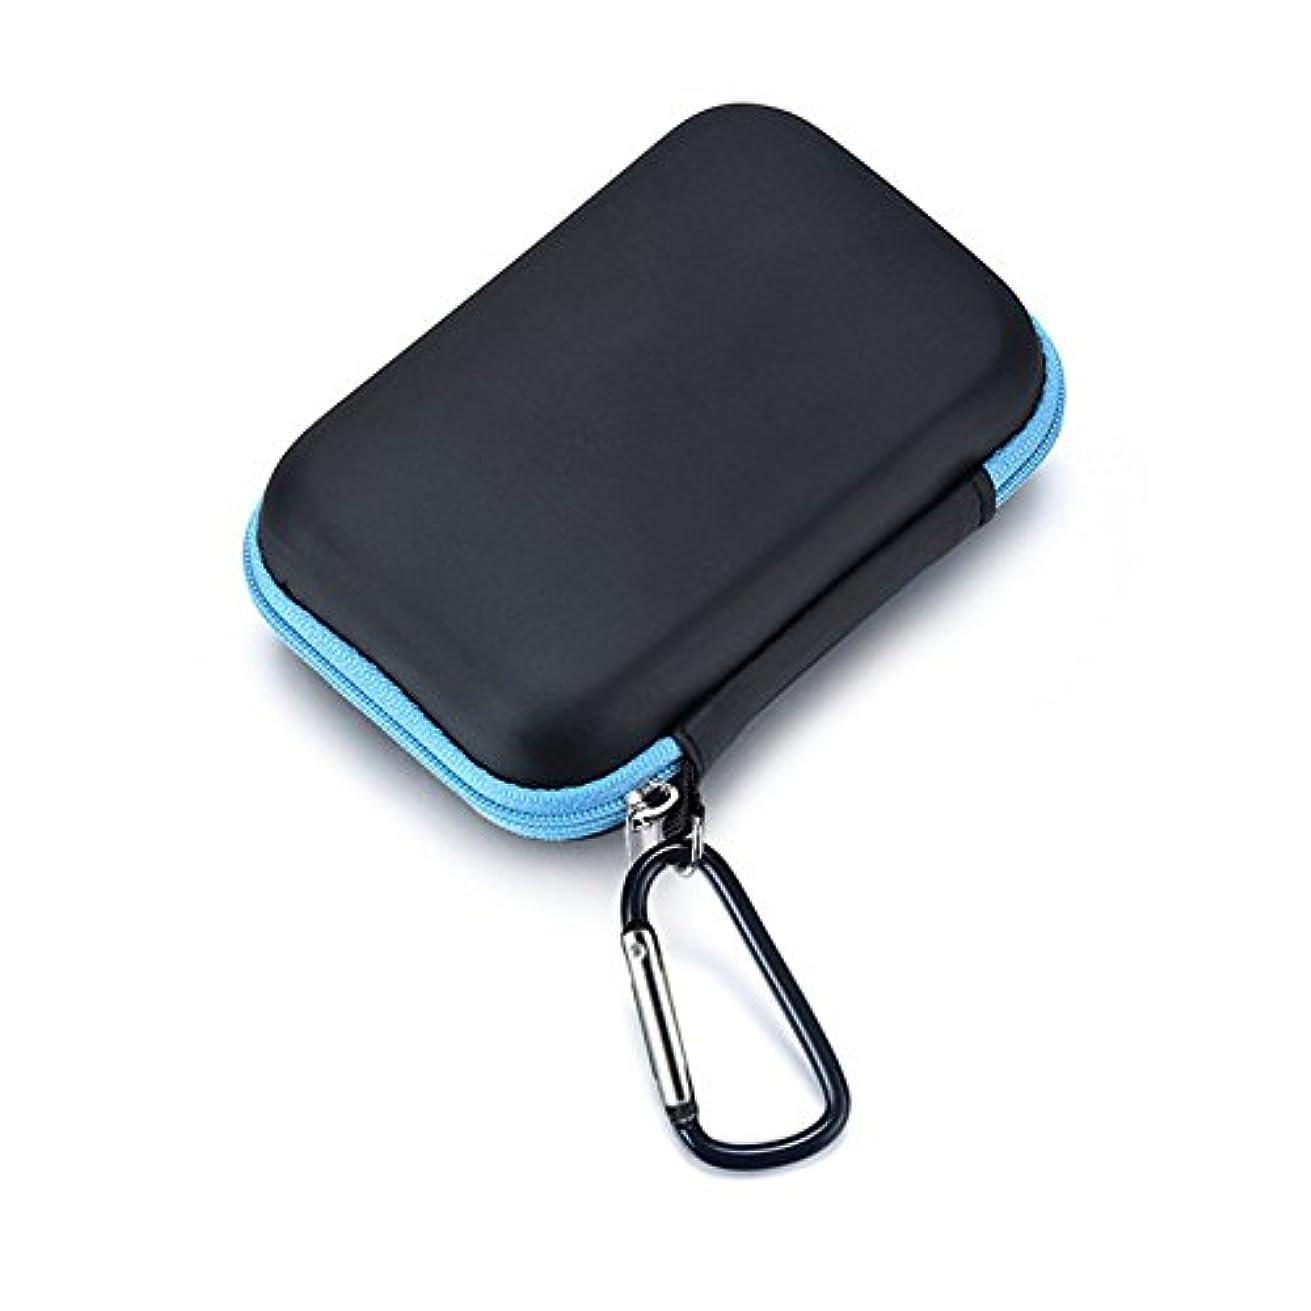 初期のもっと少なく巨大QIN 収納ケース ポーチ 携帯用バッグ ミニボトルケース 13.5 * 8.5 * 4.5cm 15本用